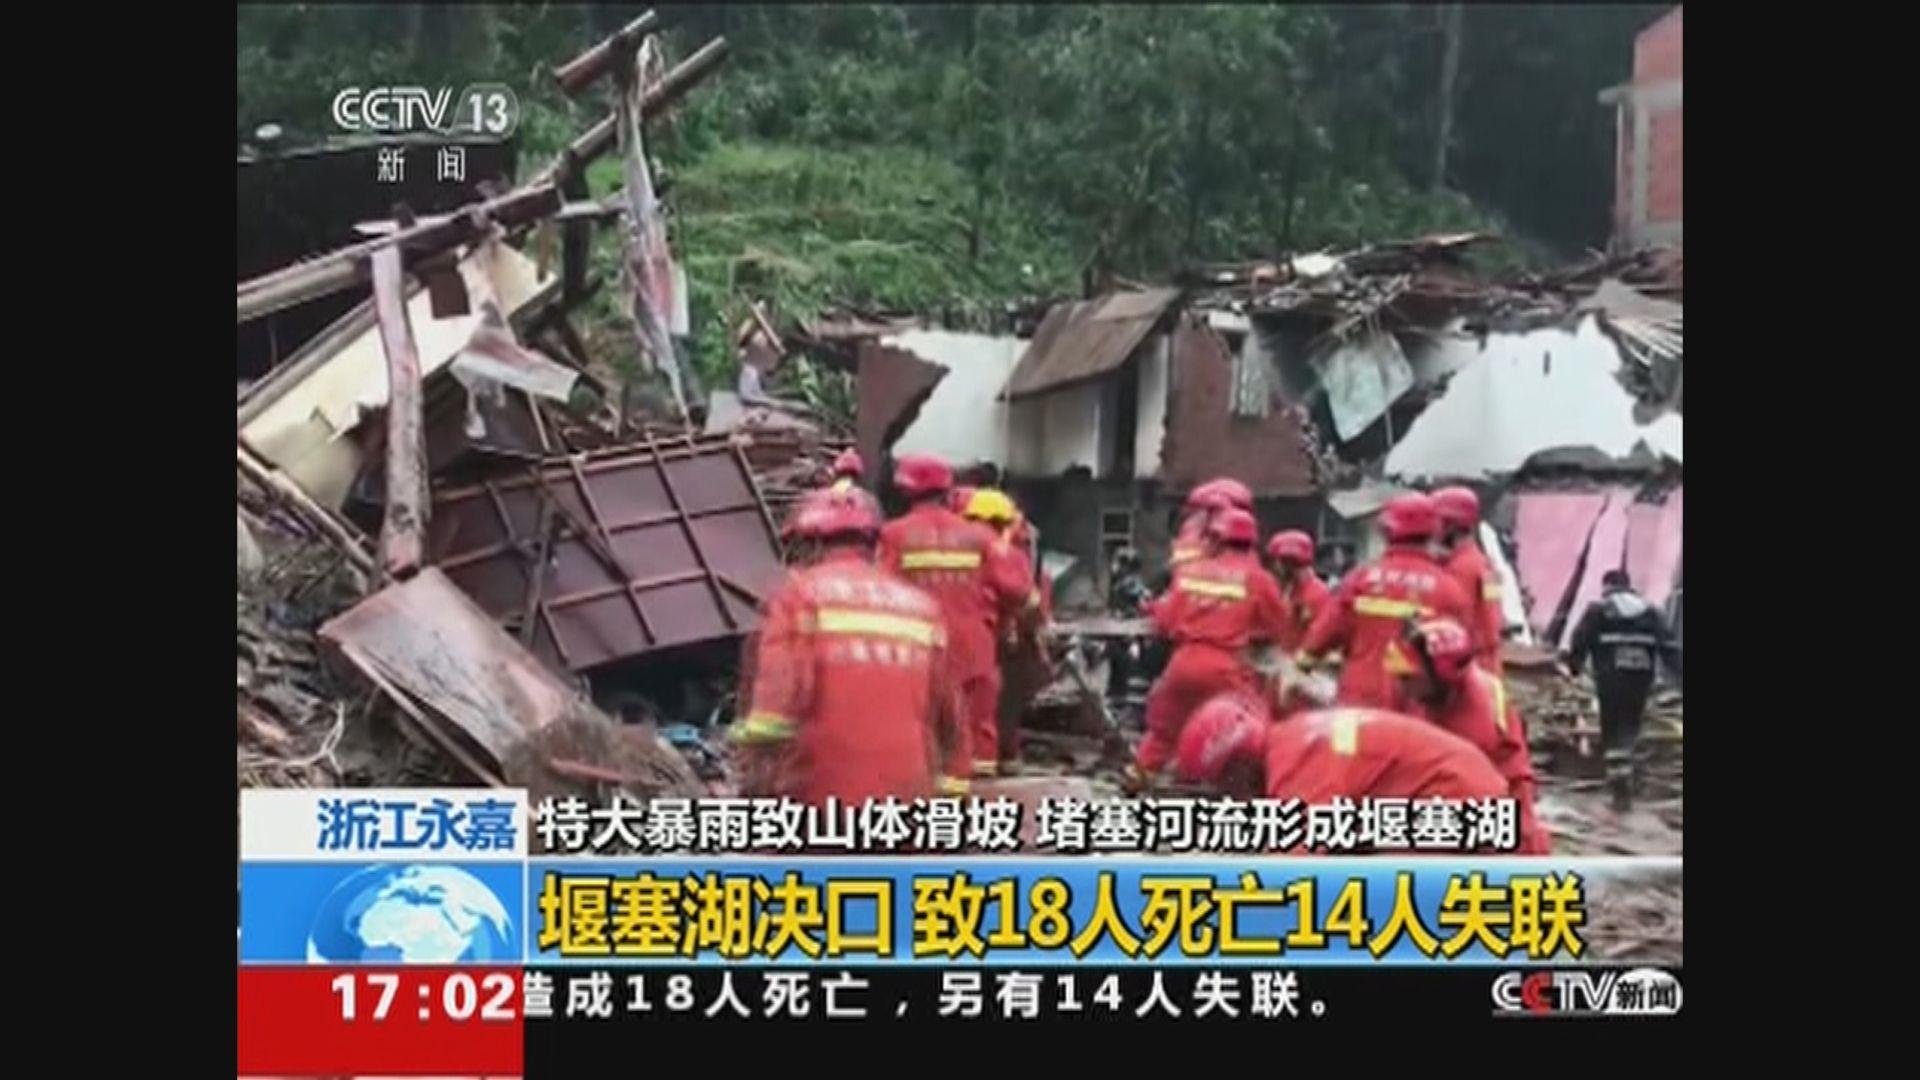 利奇馬吹襲浙江最少22人死亡